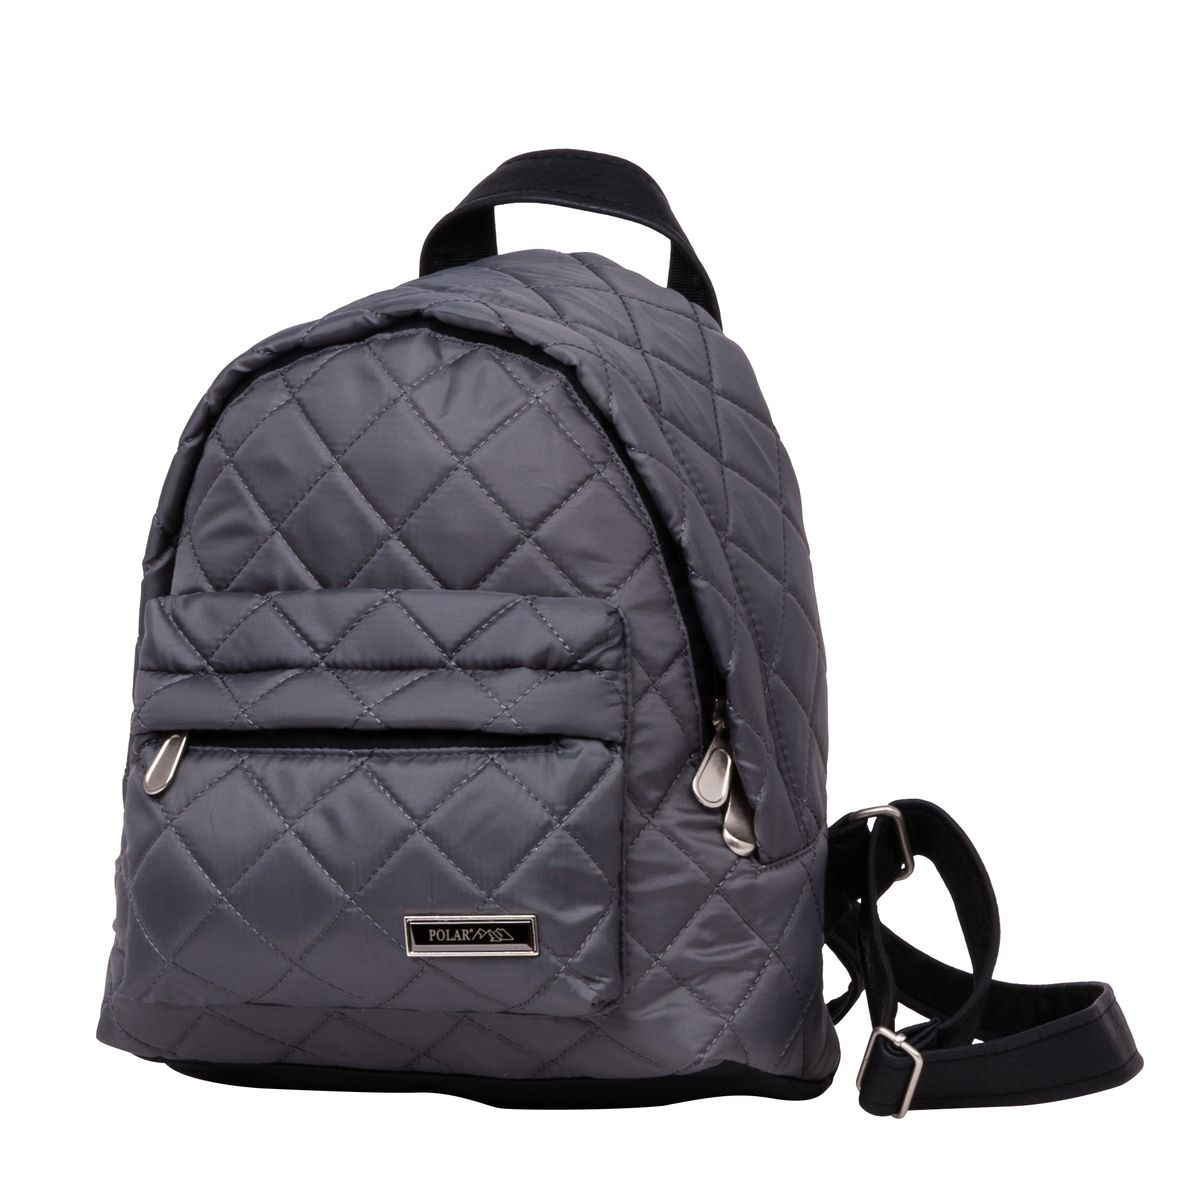 Рюкзак городской женский Polar, цвет: темно-серый, 9 л. п7075-06